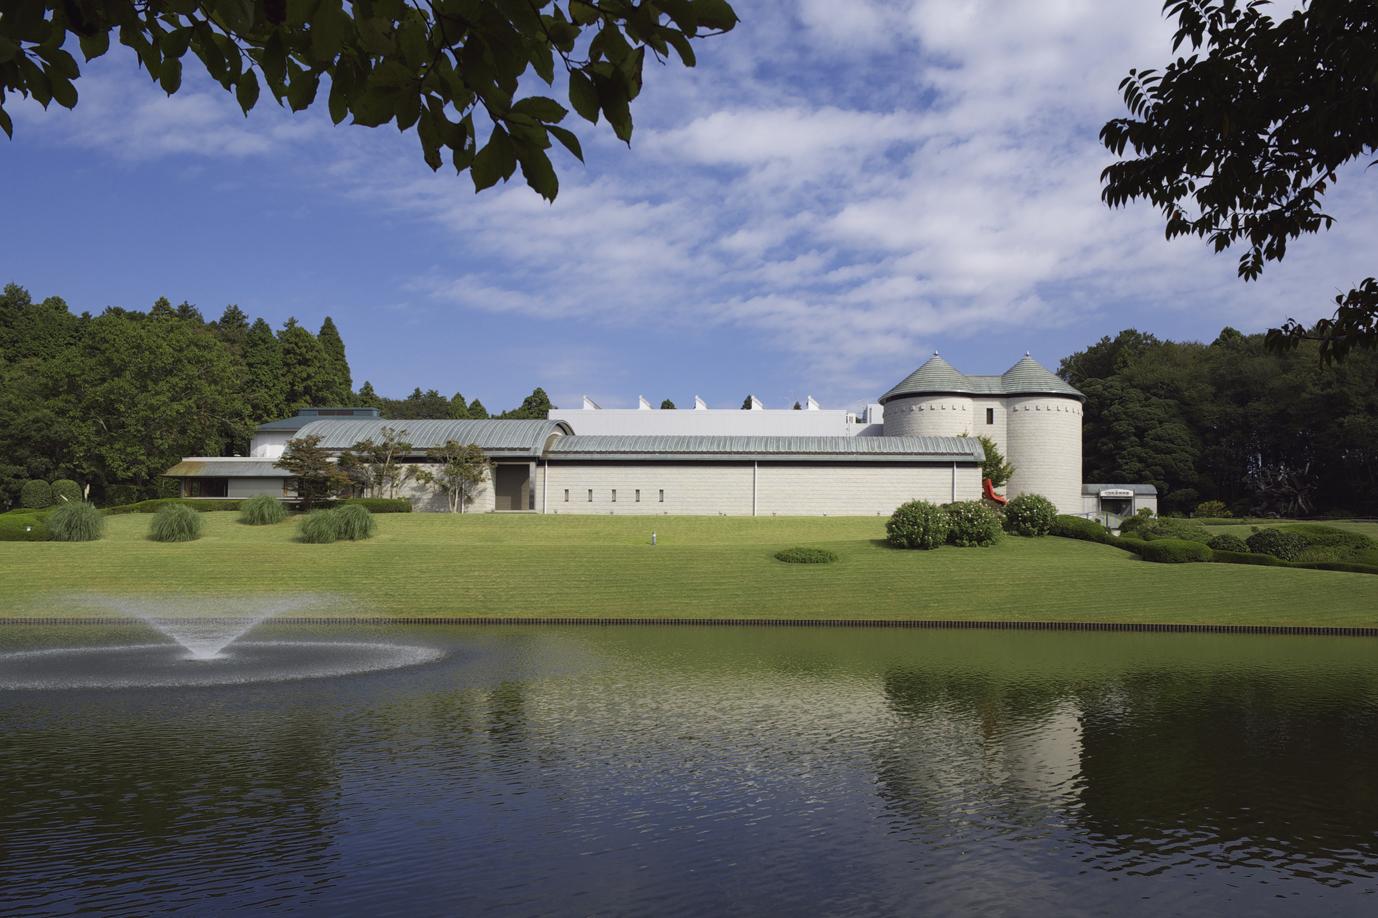 川村記念美術館外観2007年10月_10cm